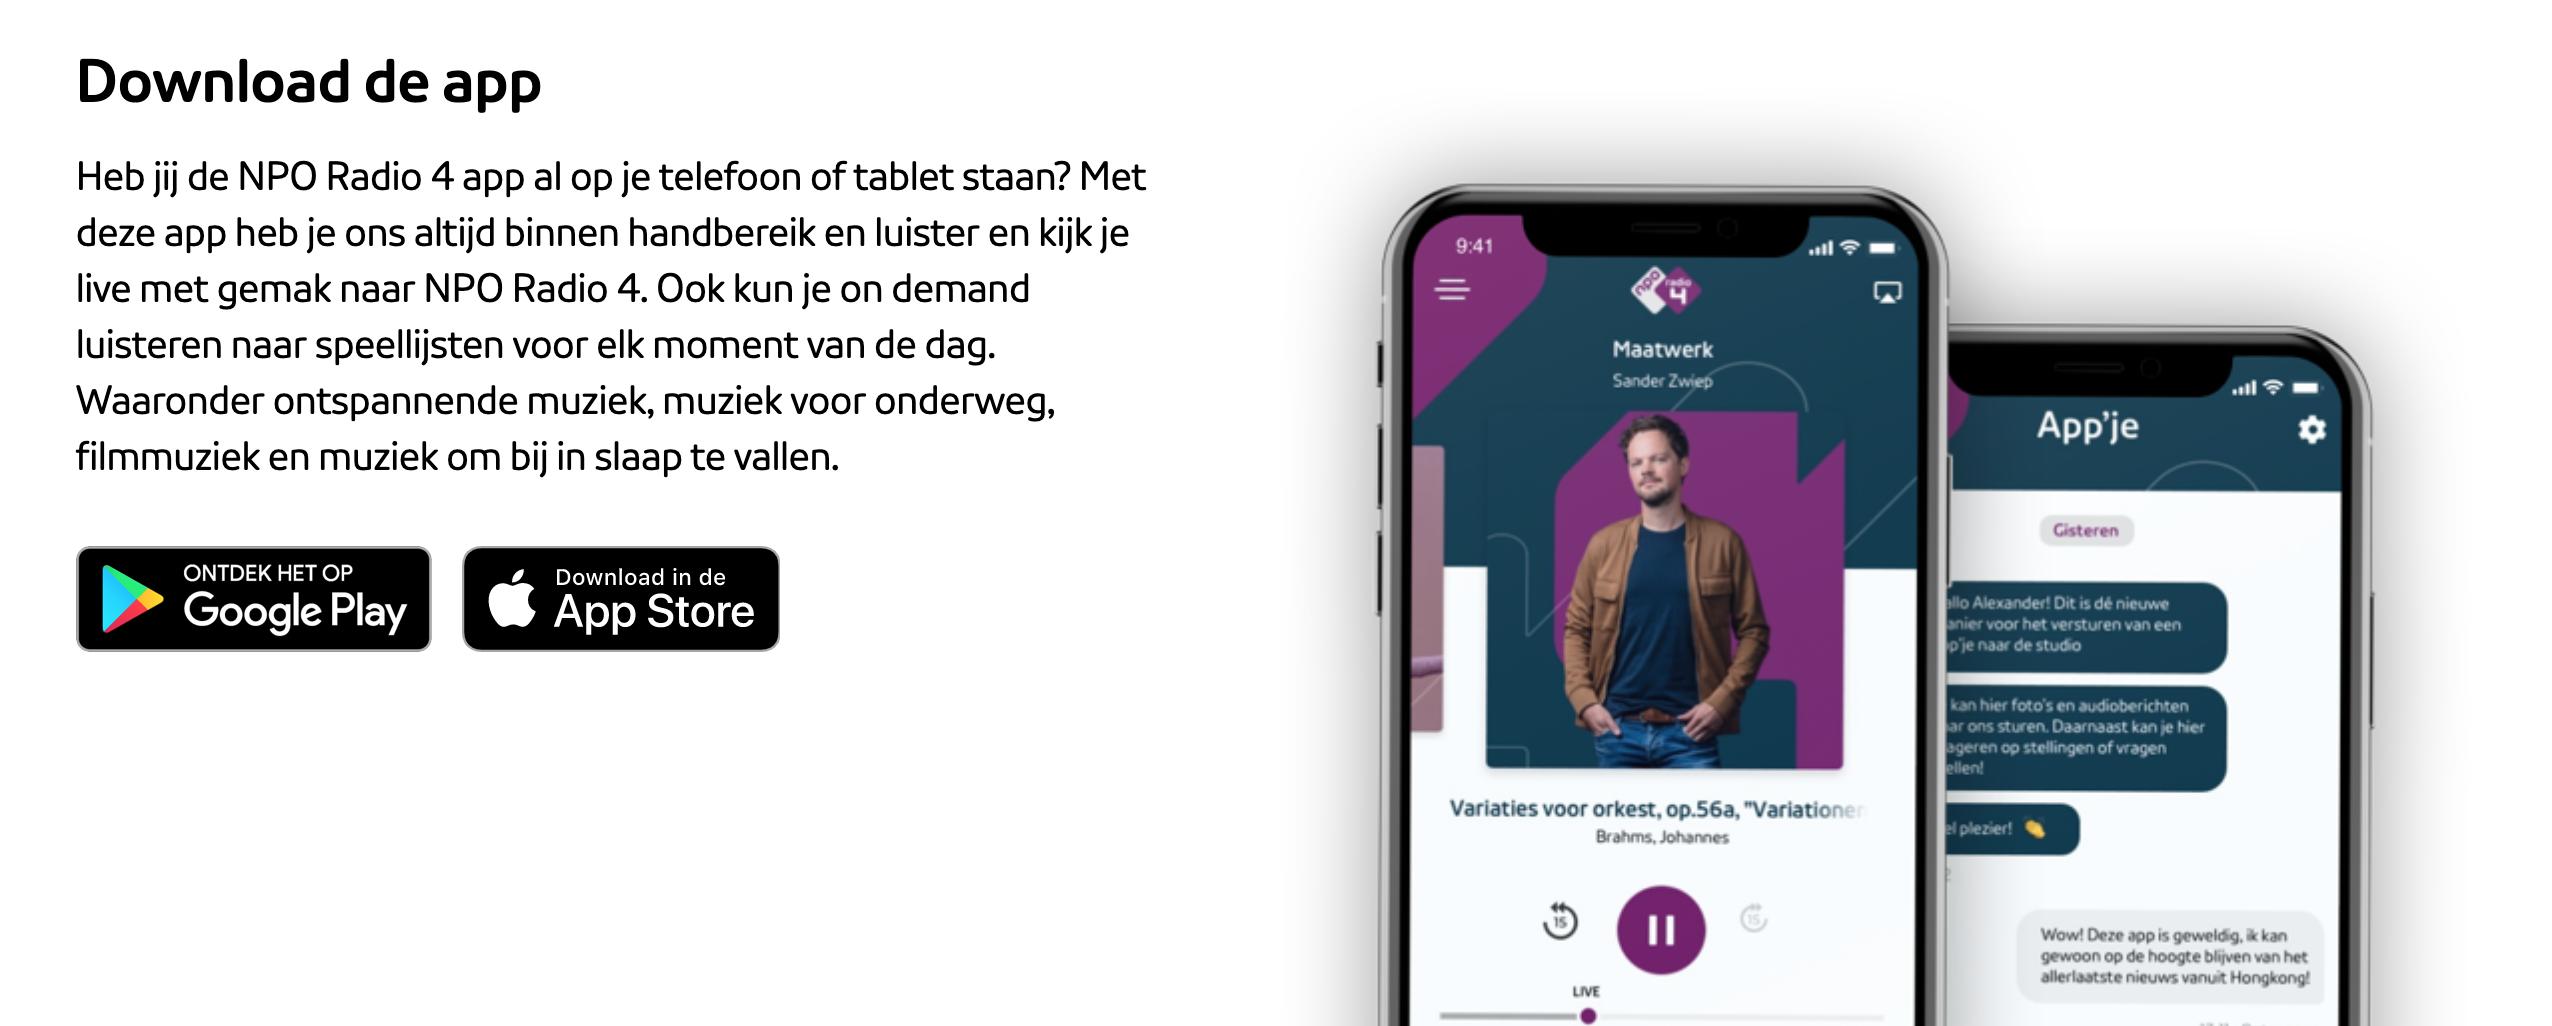 Download de NPO Radio 4 app